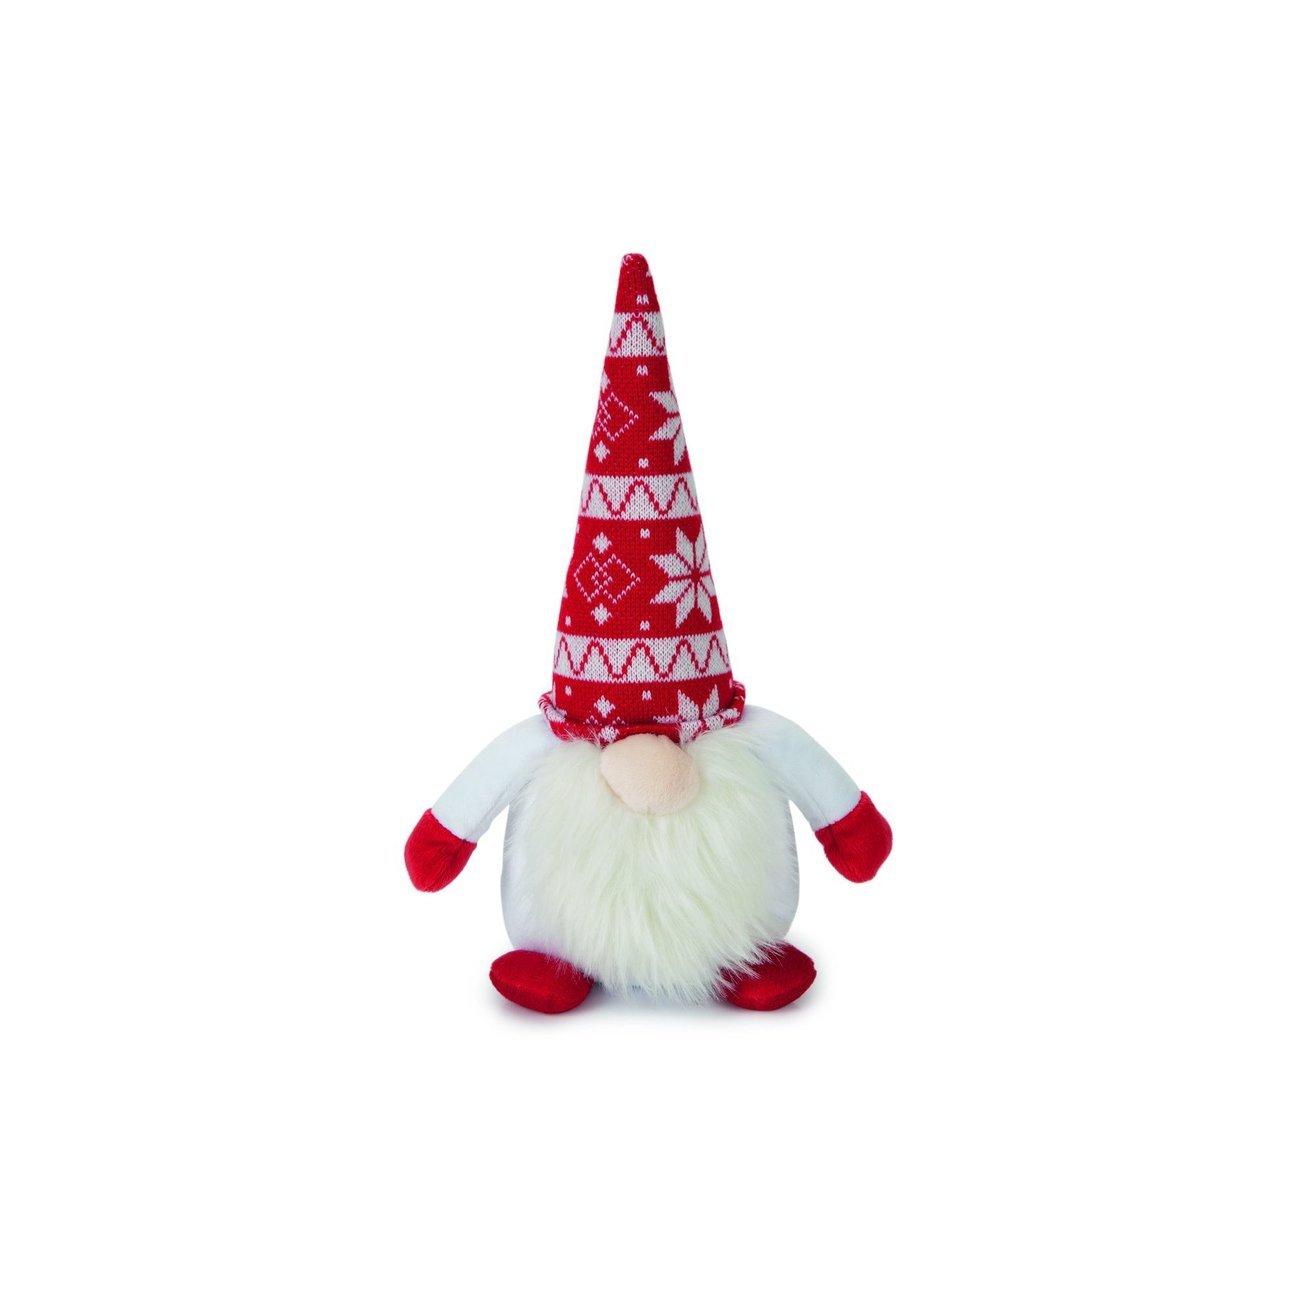 Karlie Weihnachtsspielzeug Plüsch Santa für Hunde, 34 x 12 x 10cm, weiss